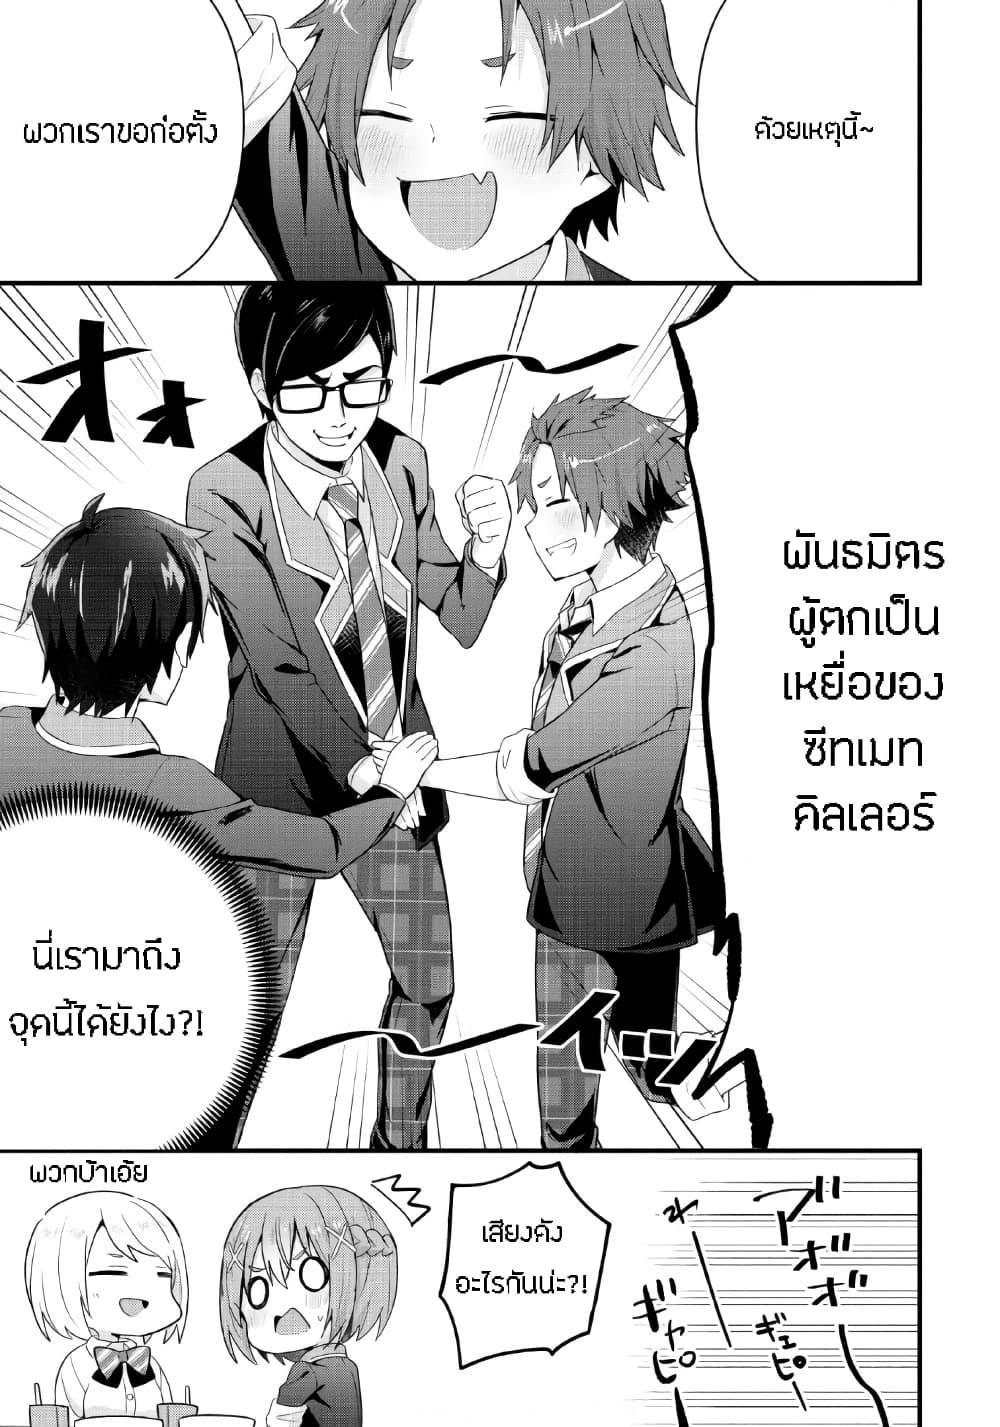 อ่านการ์ตูน Tonari no Seki ni Natta Bishoujo ga Horesaseyou to Karakatte Kuru ga Itsunomanika Kaeriuchi ni Shite Ita ตอนที่ 4 หน้าที่ 5